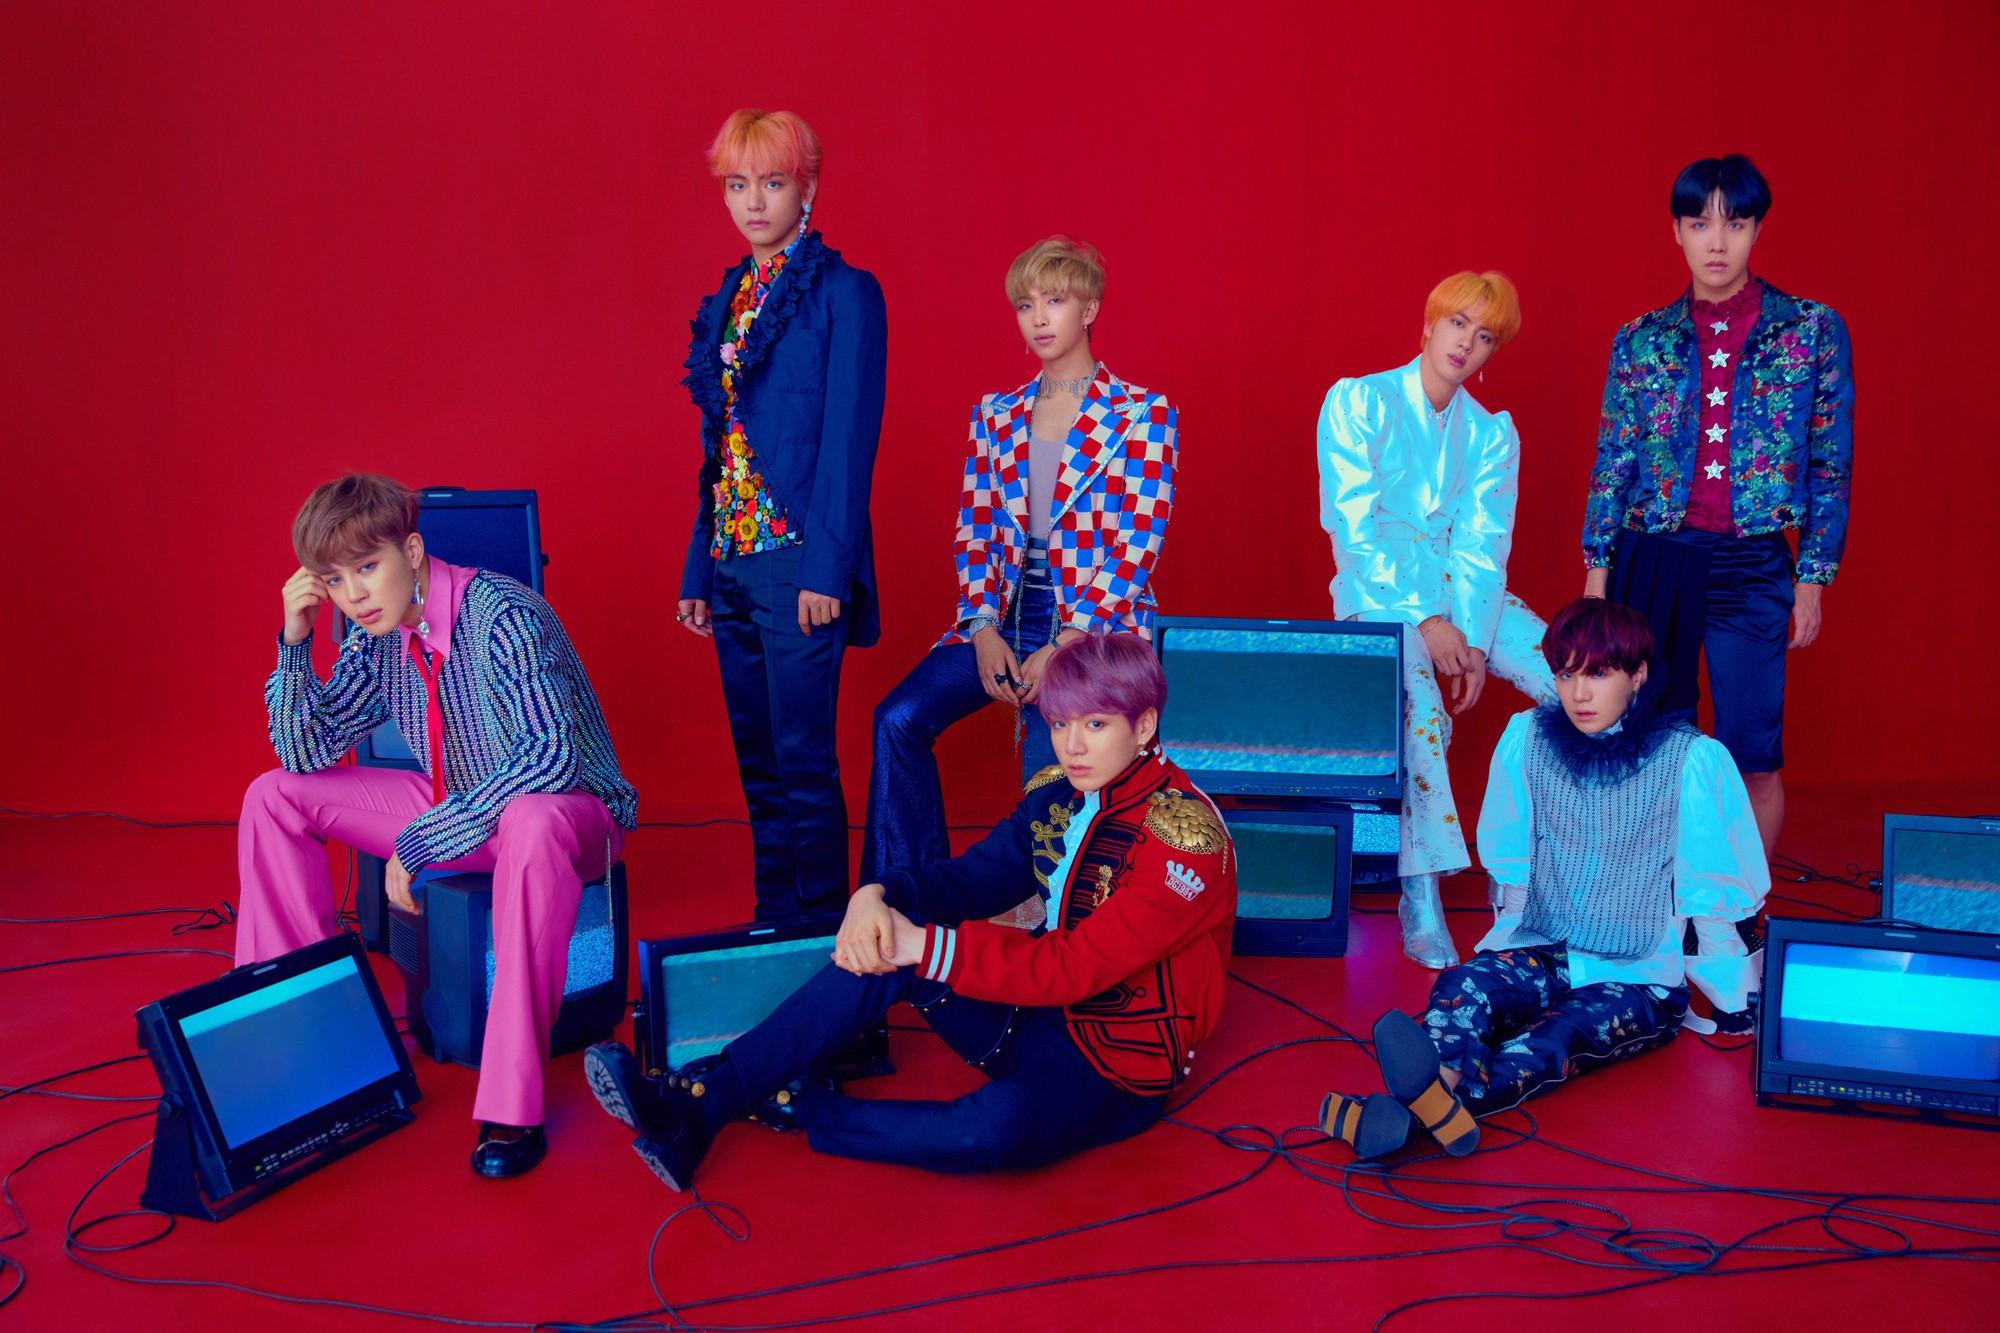 Giải mã bộ ảnh Love Yourself: Answer: Bạn có nhận ra các huyền thoại qua trang phục của từng thành viên BTS? - Ảnh 1.